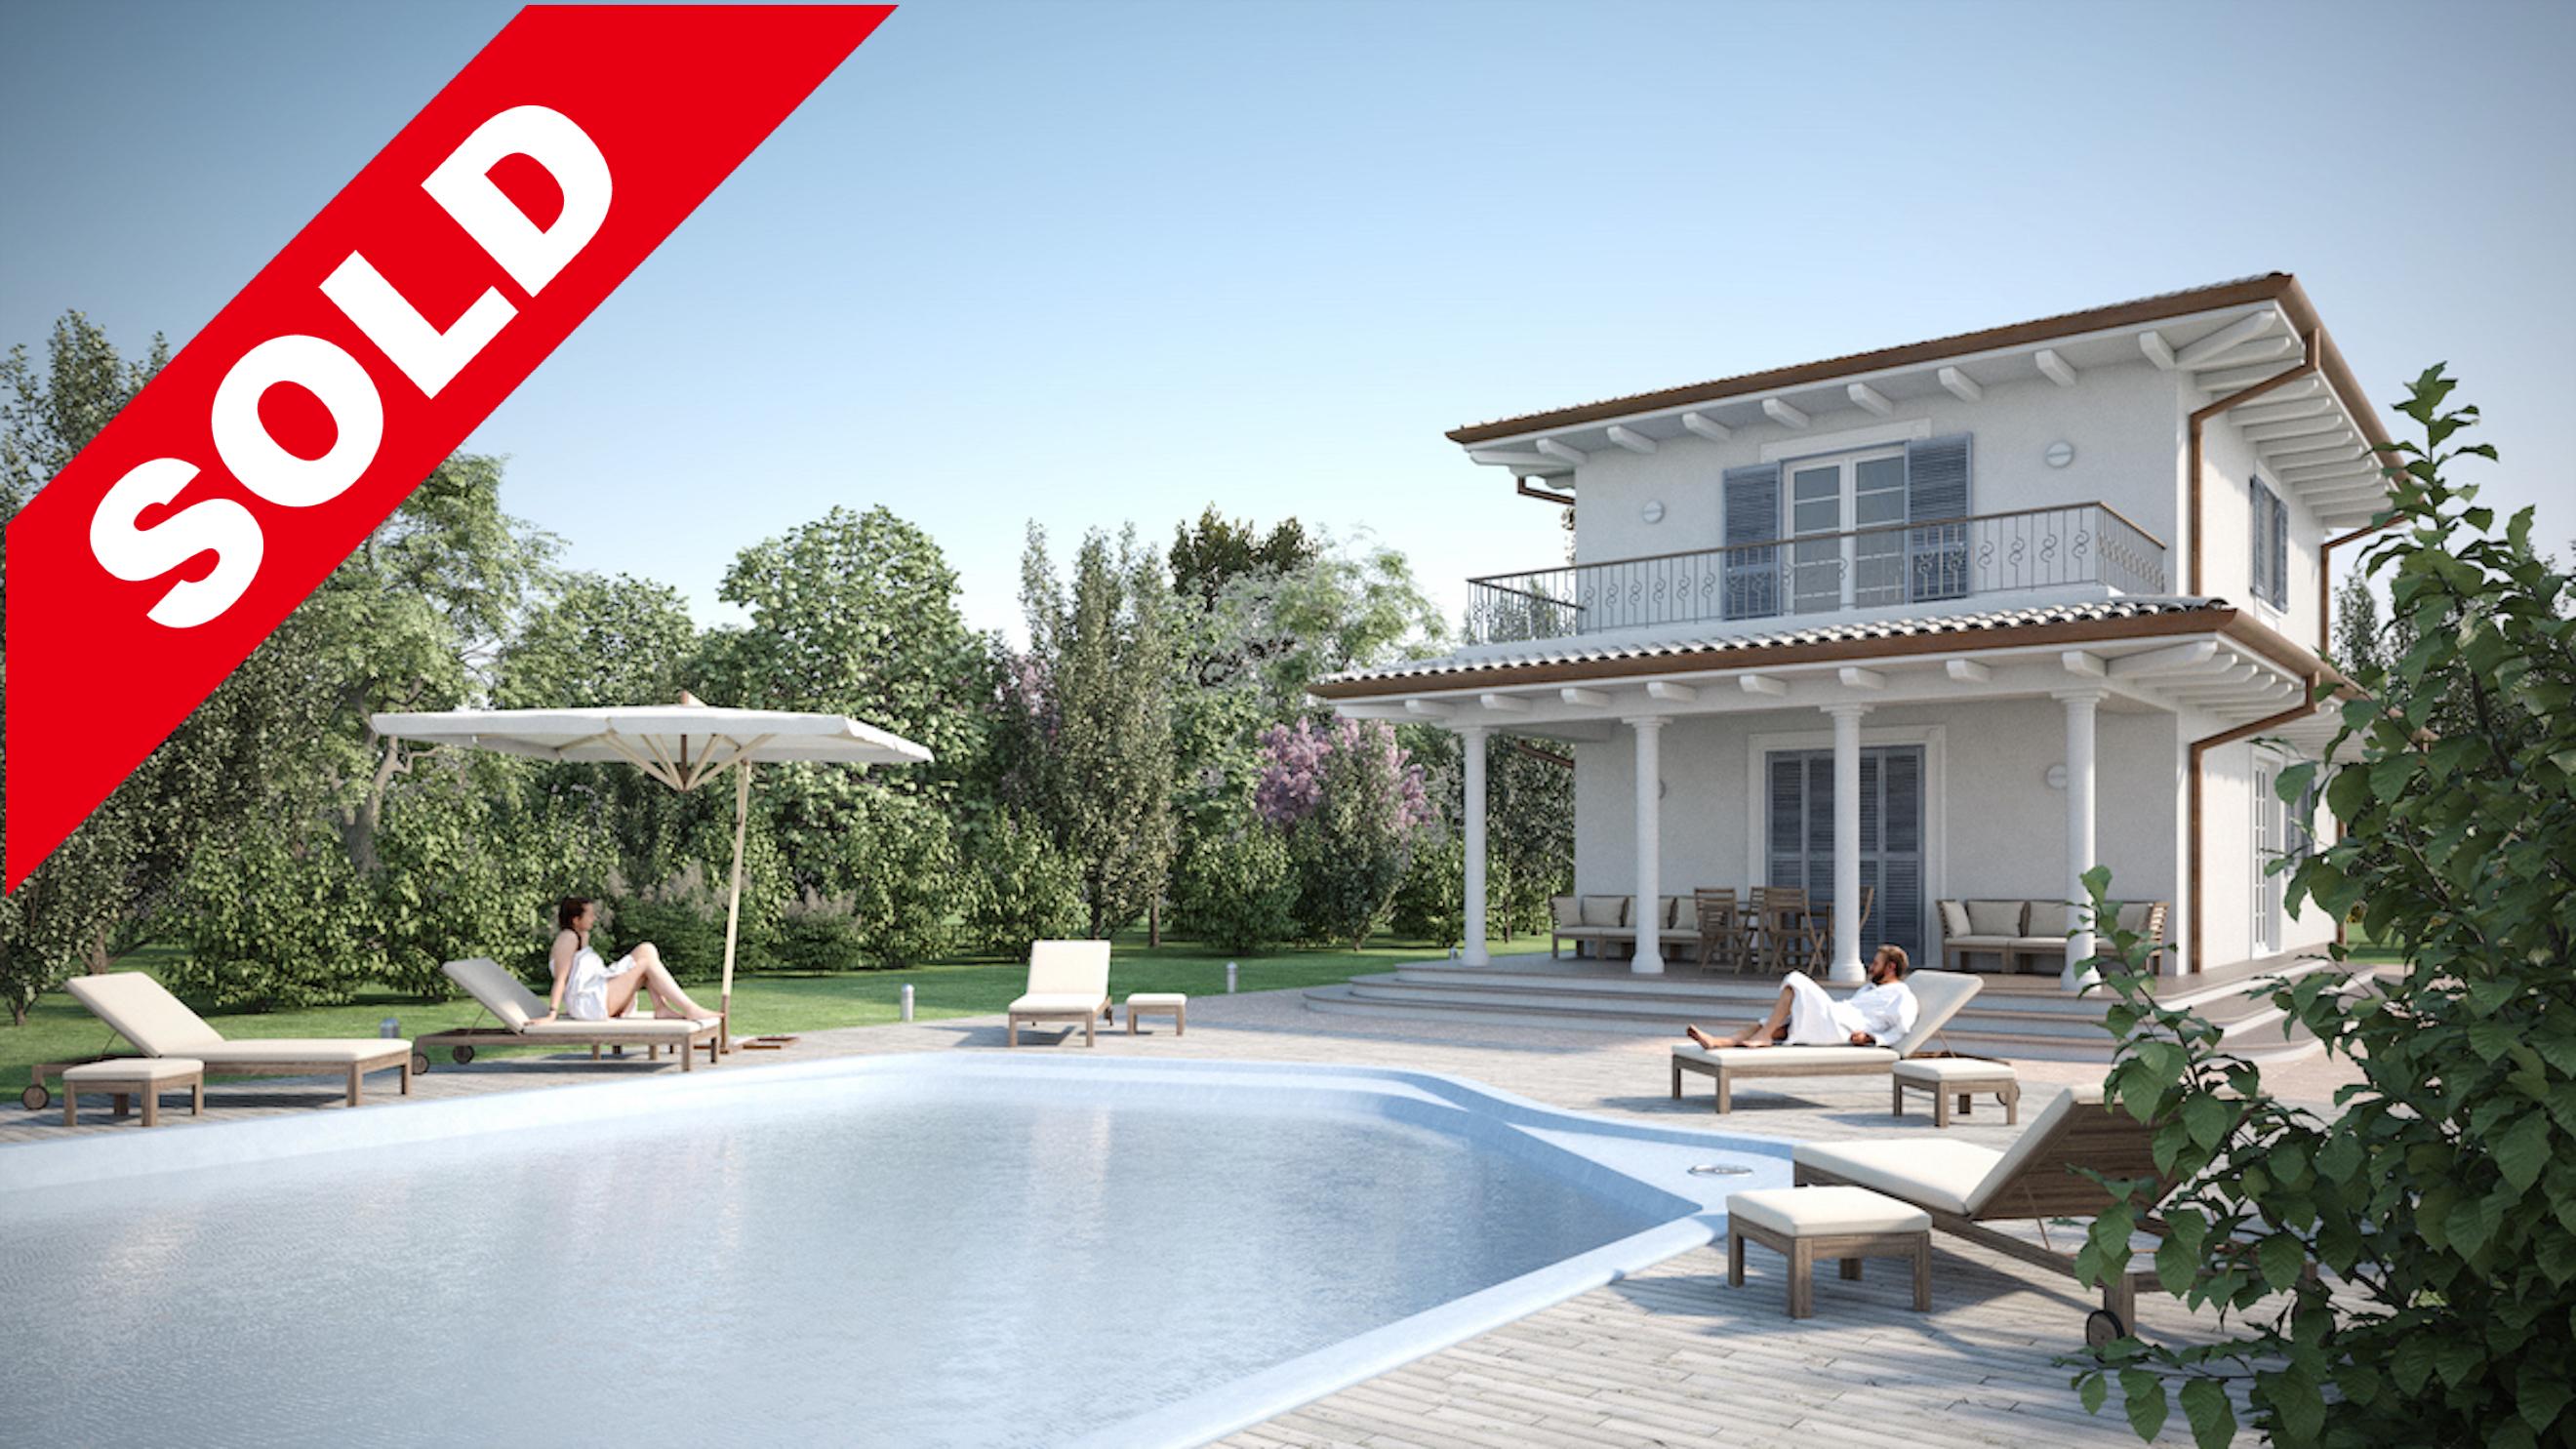 V18104-PVR Villa for Sale near Forte dei Marmi